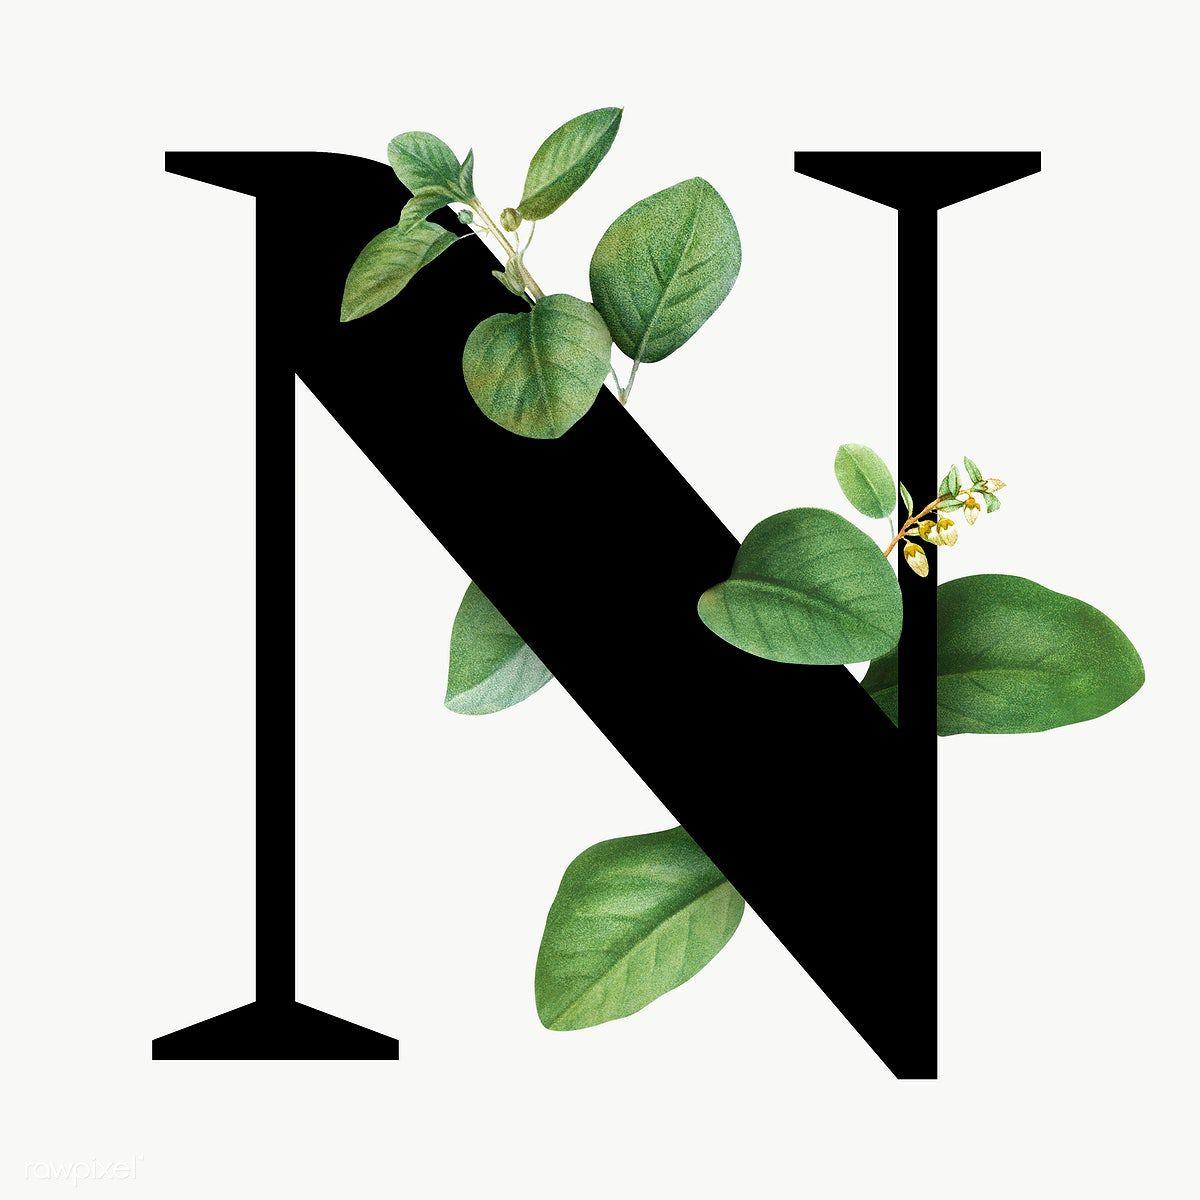 Botanical Capital Letter N Transparent Png Premium Image By Rawpixel Com Aum Lettering Alphabet Fonts Alphabet Letters Design Letter N